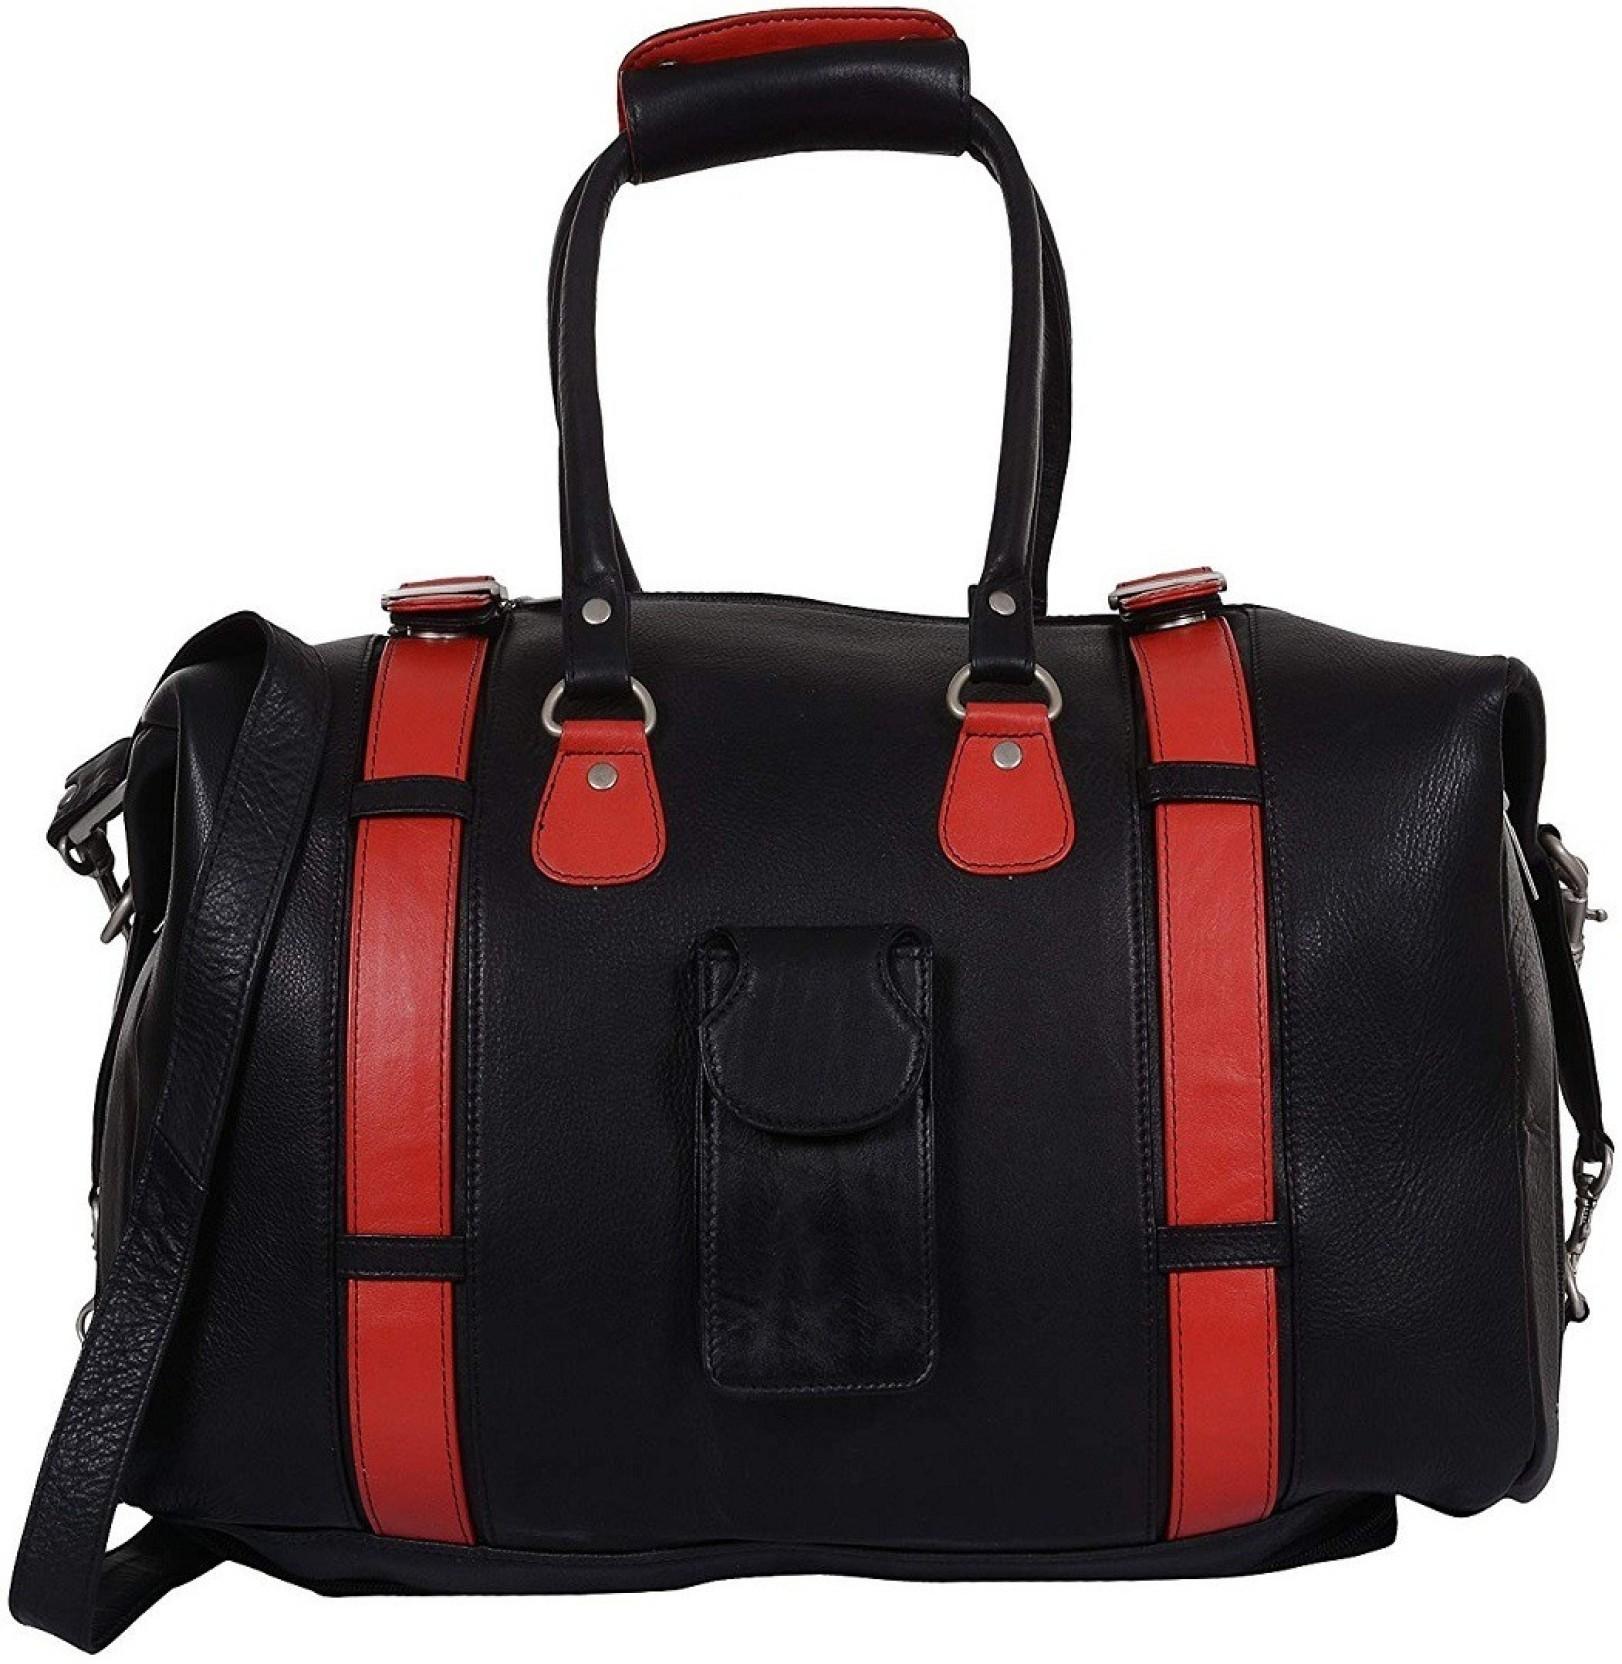 e6c798a9ccd1 Hileder CH-6060087 Black Sports Duffel Gym Bag - Buy Hileder CH ...